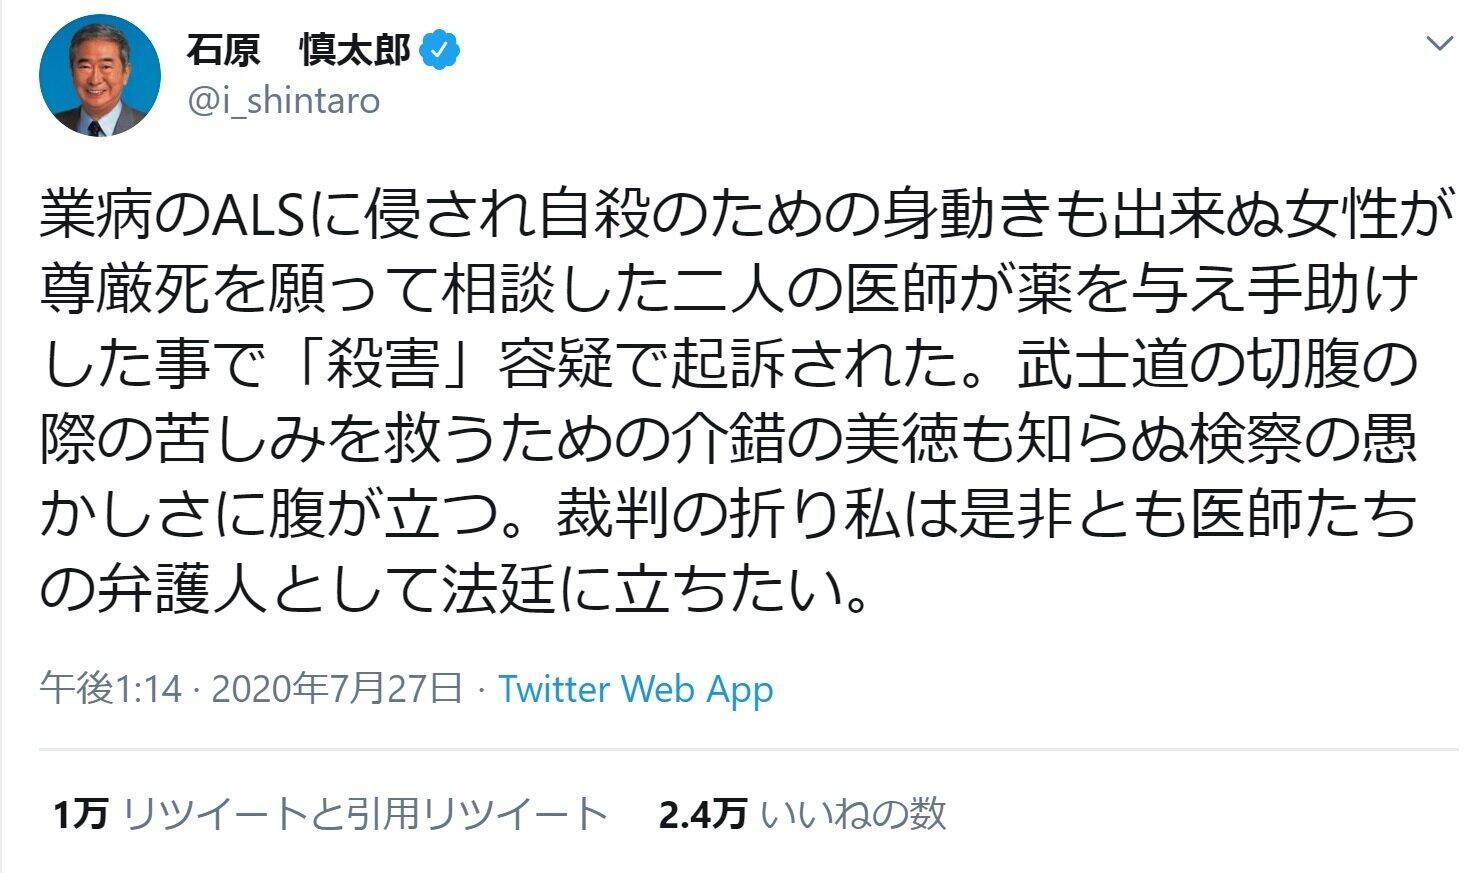 石原慎太郎氏、ALS「業病」発言に異論続出 取材依頼も...関係者通じ「丁重にお断りしたい」